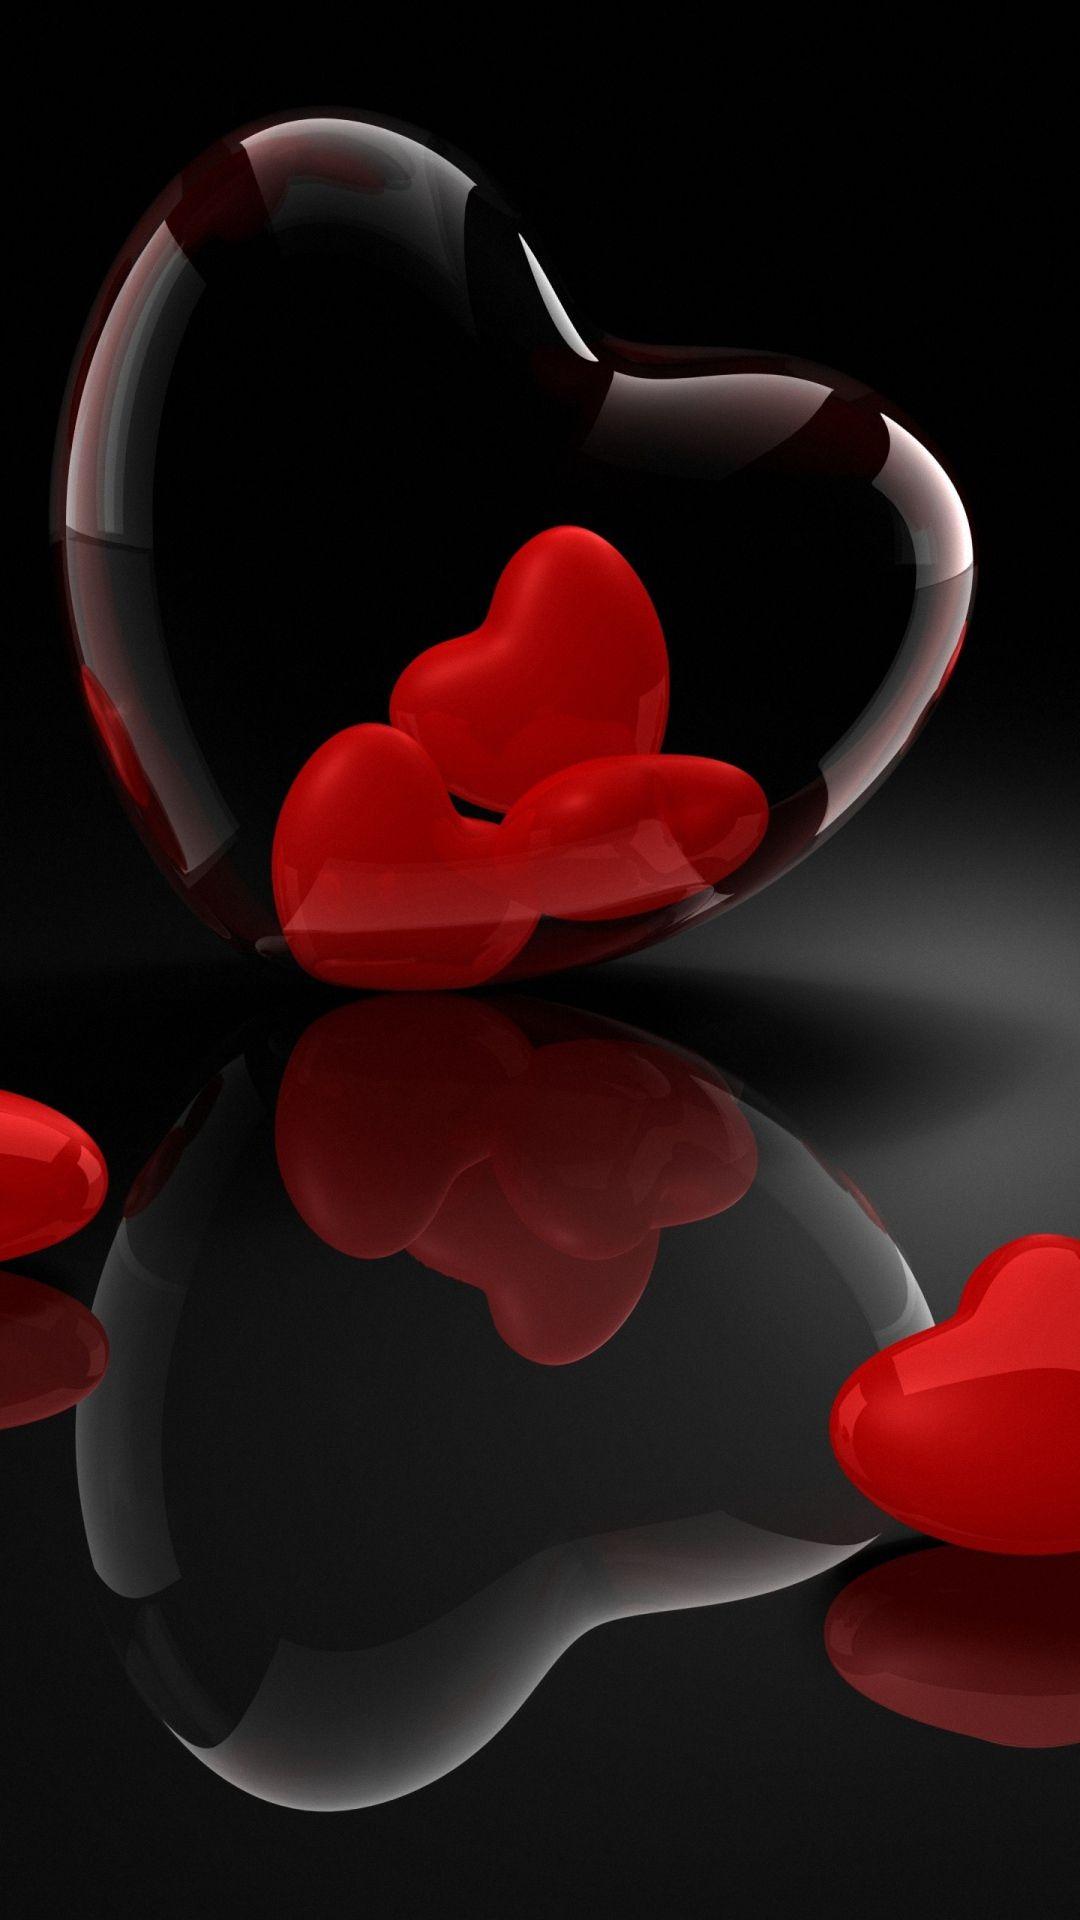 hd heart glass 3d reflection htc desire wallpaper